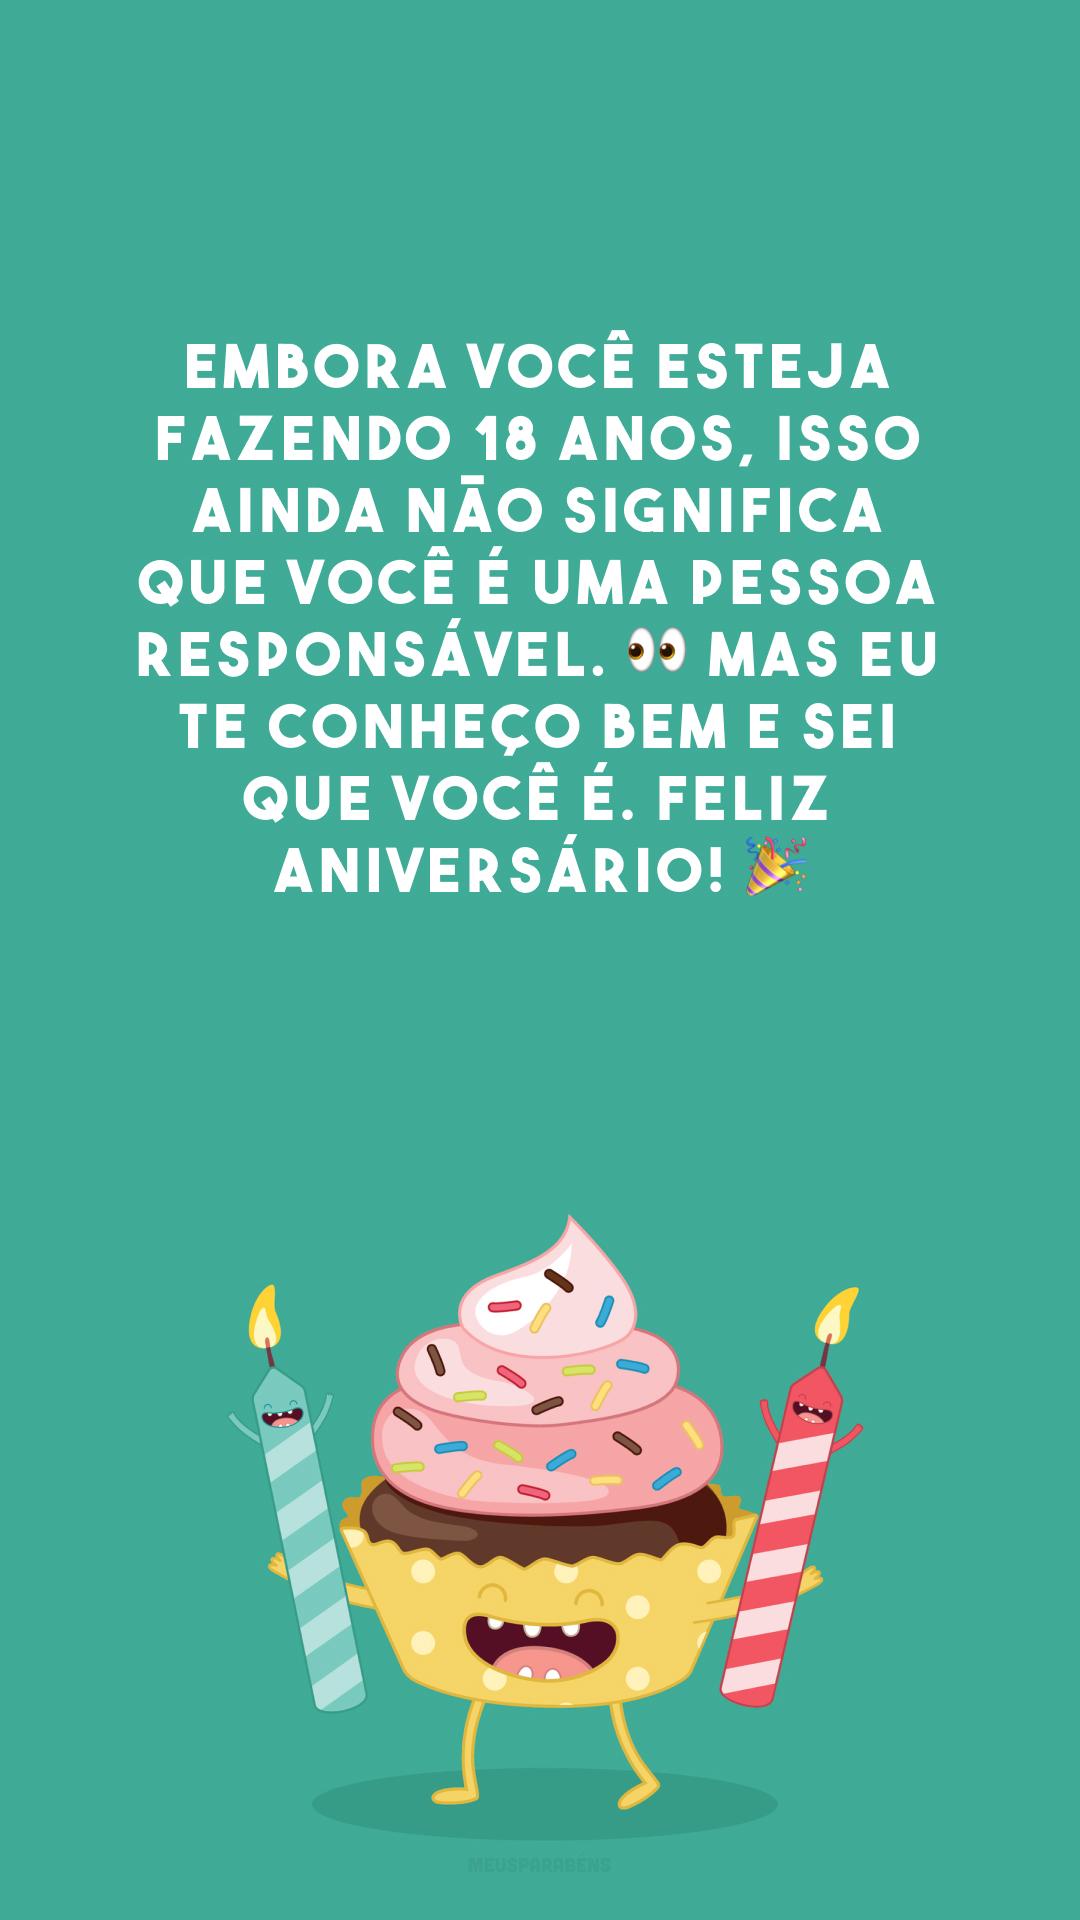 Embora você esteja fazendo 18 anos, isso ainda não significa que você é uma pessoa responsável. 👀 Mas eu te conheço bem e sei que você é. Feliz aniversário! 🎉